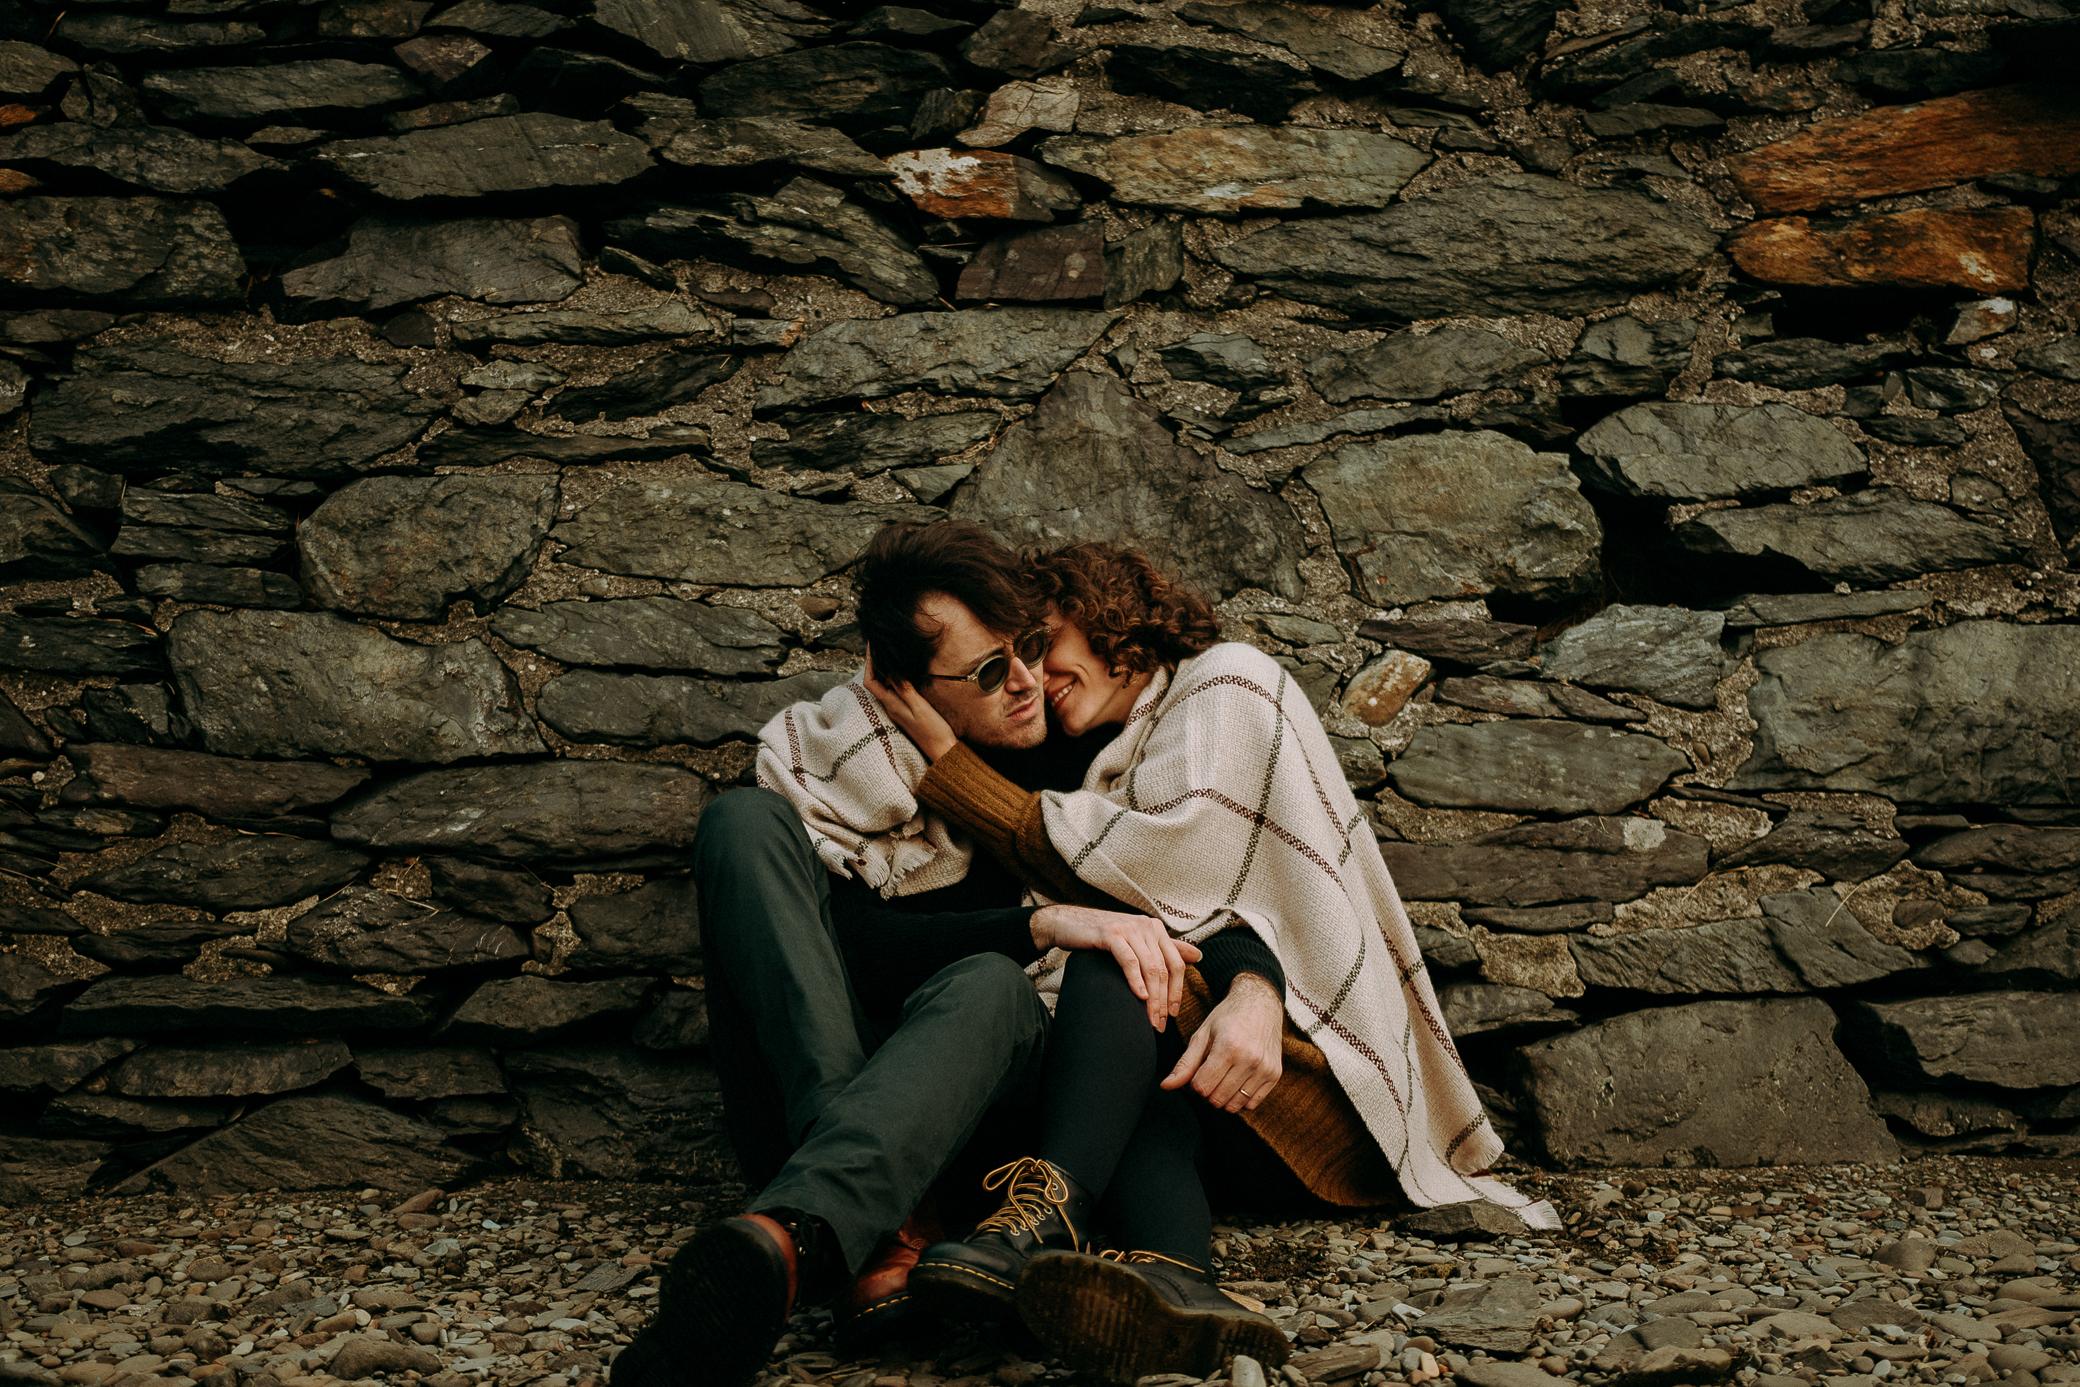 Meiry&Nic_Elopetoireland-157.jpg